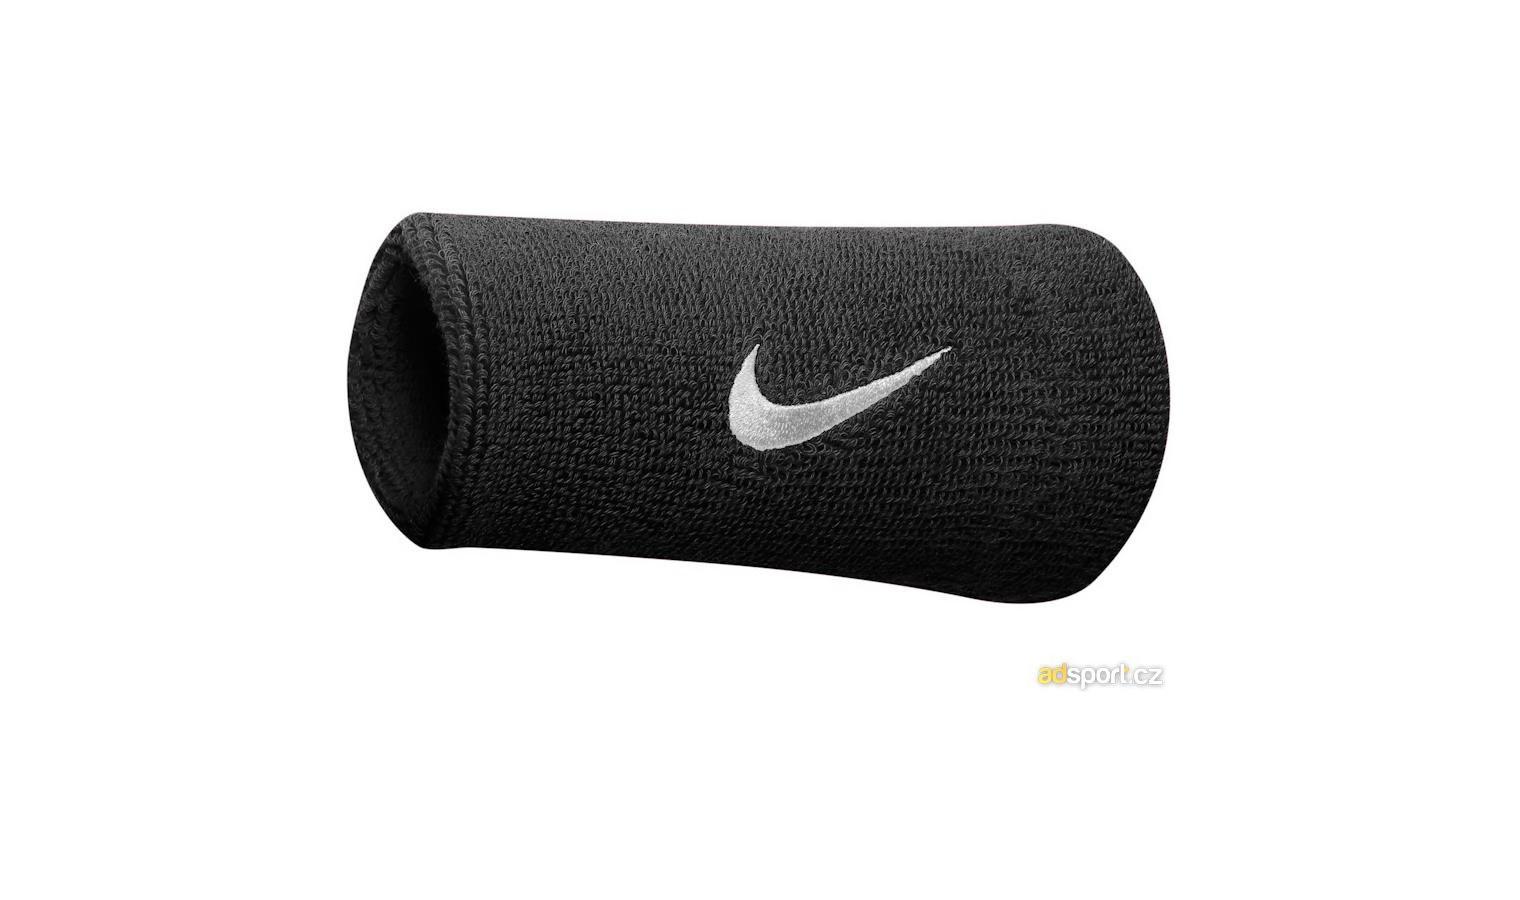 bdc80f0793c Potítko Nike SWOOSH DOUBLEWIDE WRISTBANDS černé